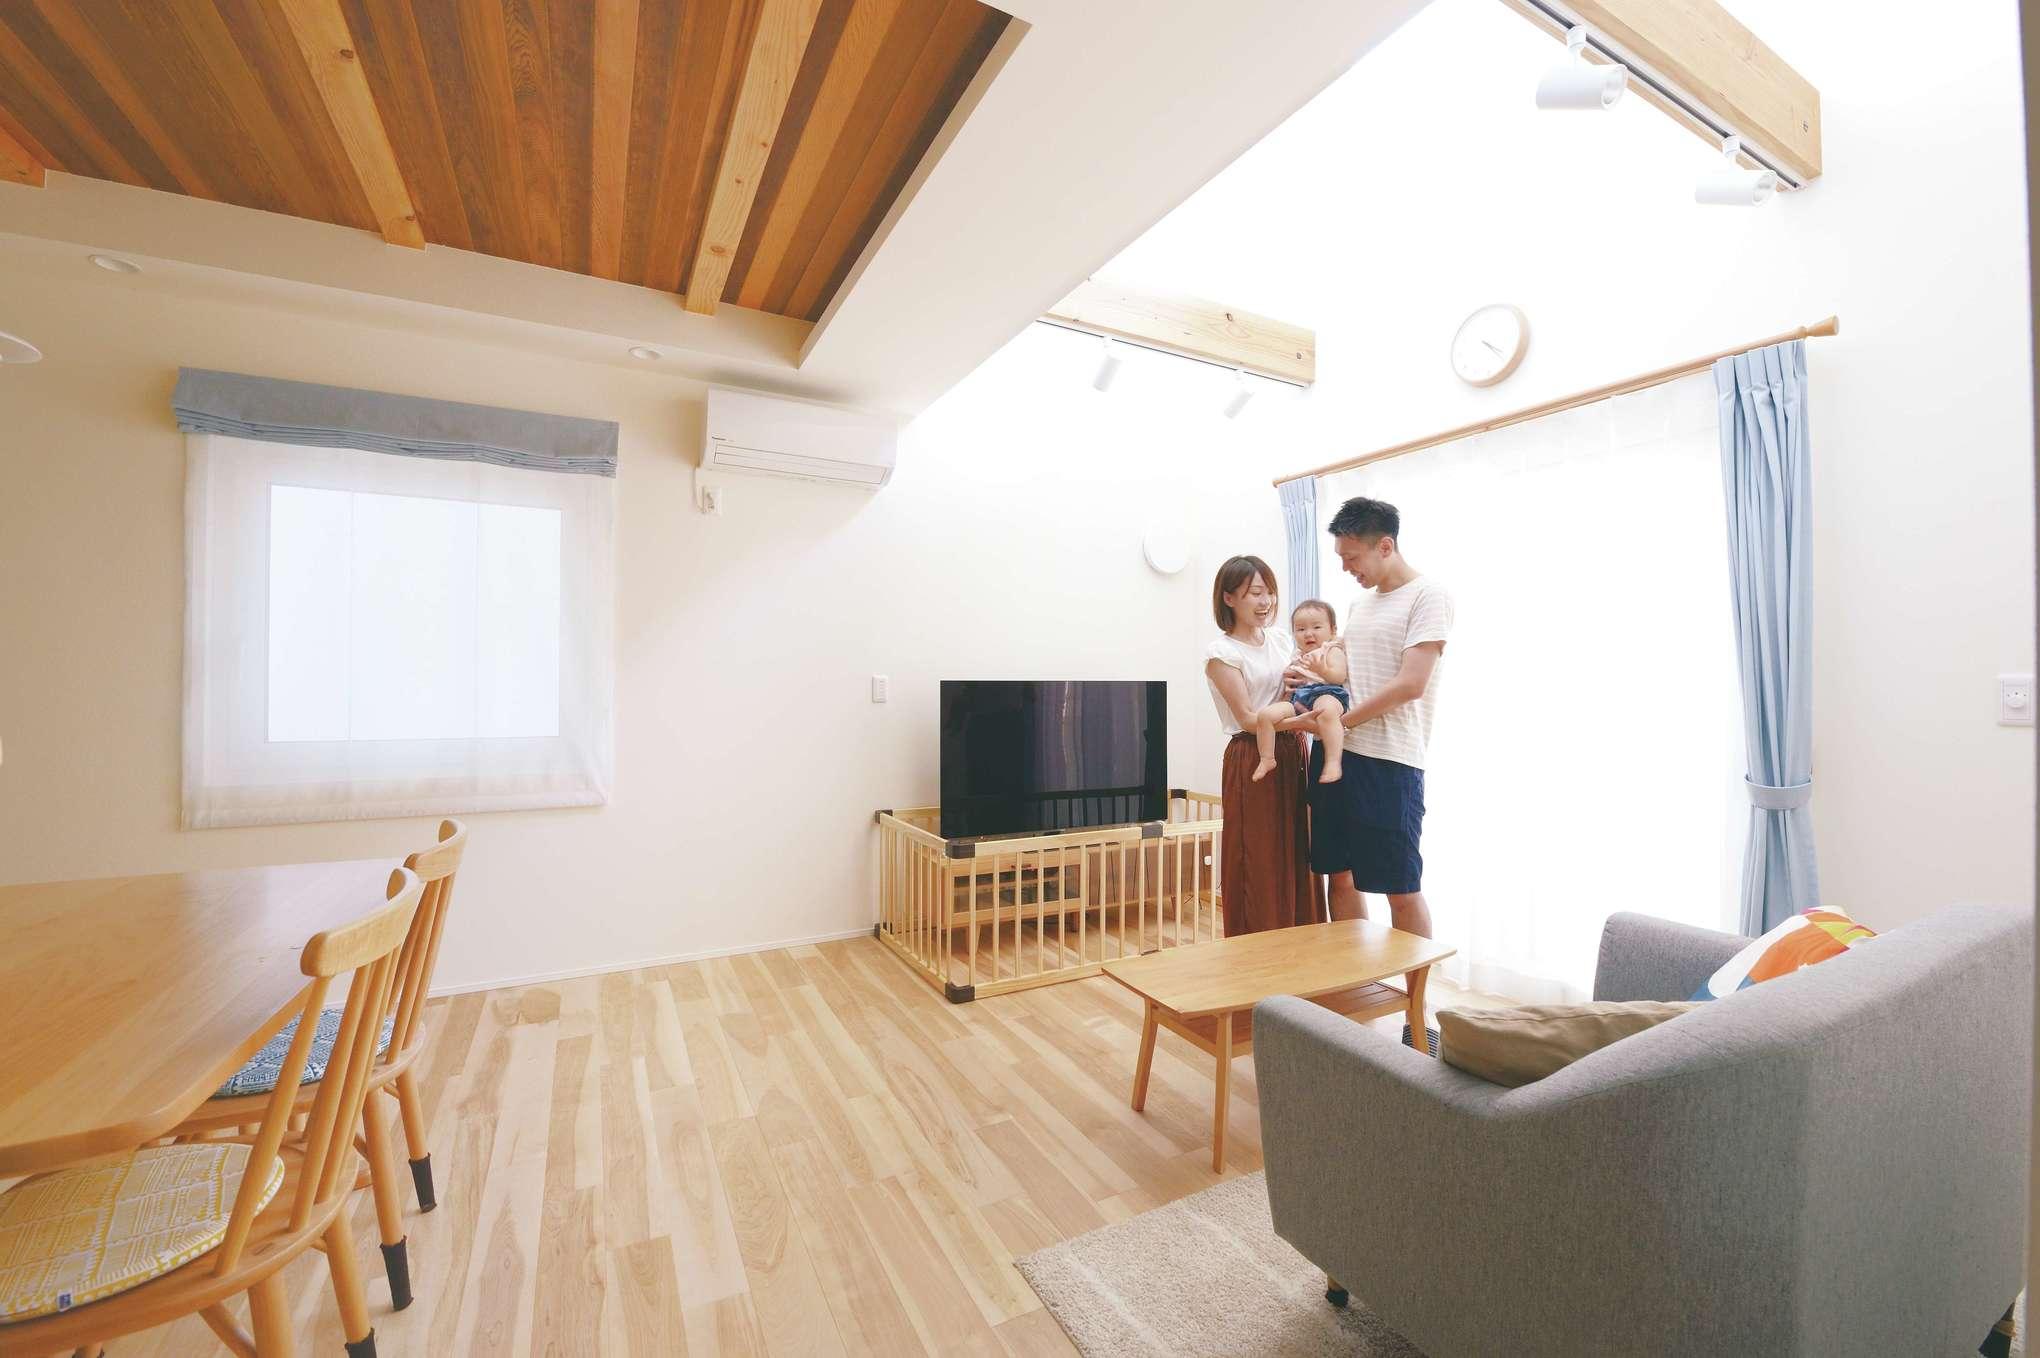 吹き抜けにある窓から光が降り注ぐLDK。シーリングファンを伝って風が抜け、ここにいるとまるで家が呼吸しているかのような心地よさ。壁や天井は調湿効果のある漆喰で仕上げ、カビの心配もなし。外断熱と内断熱のハイブリッド断熱により、壁内に結露が発生しないので家が長持ちする。ダイニングの天井の一部にはウェスタンレッドシダーを施し、夜には間接照明が落ち着いた雰囲気を演出する。裸足でも気持ち良く過ごせるよう床材に無垢のカバザクラを採用